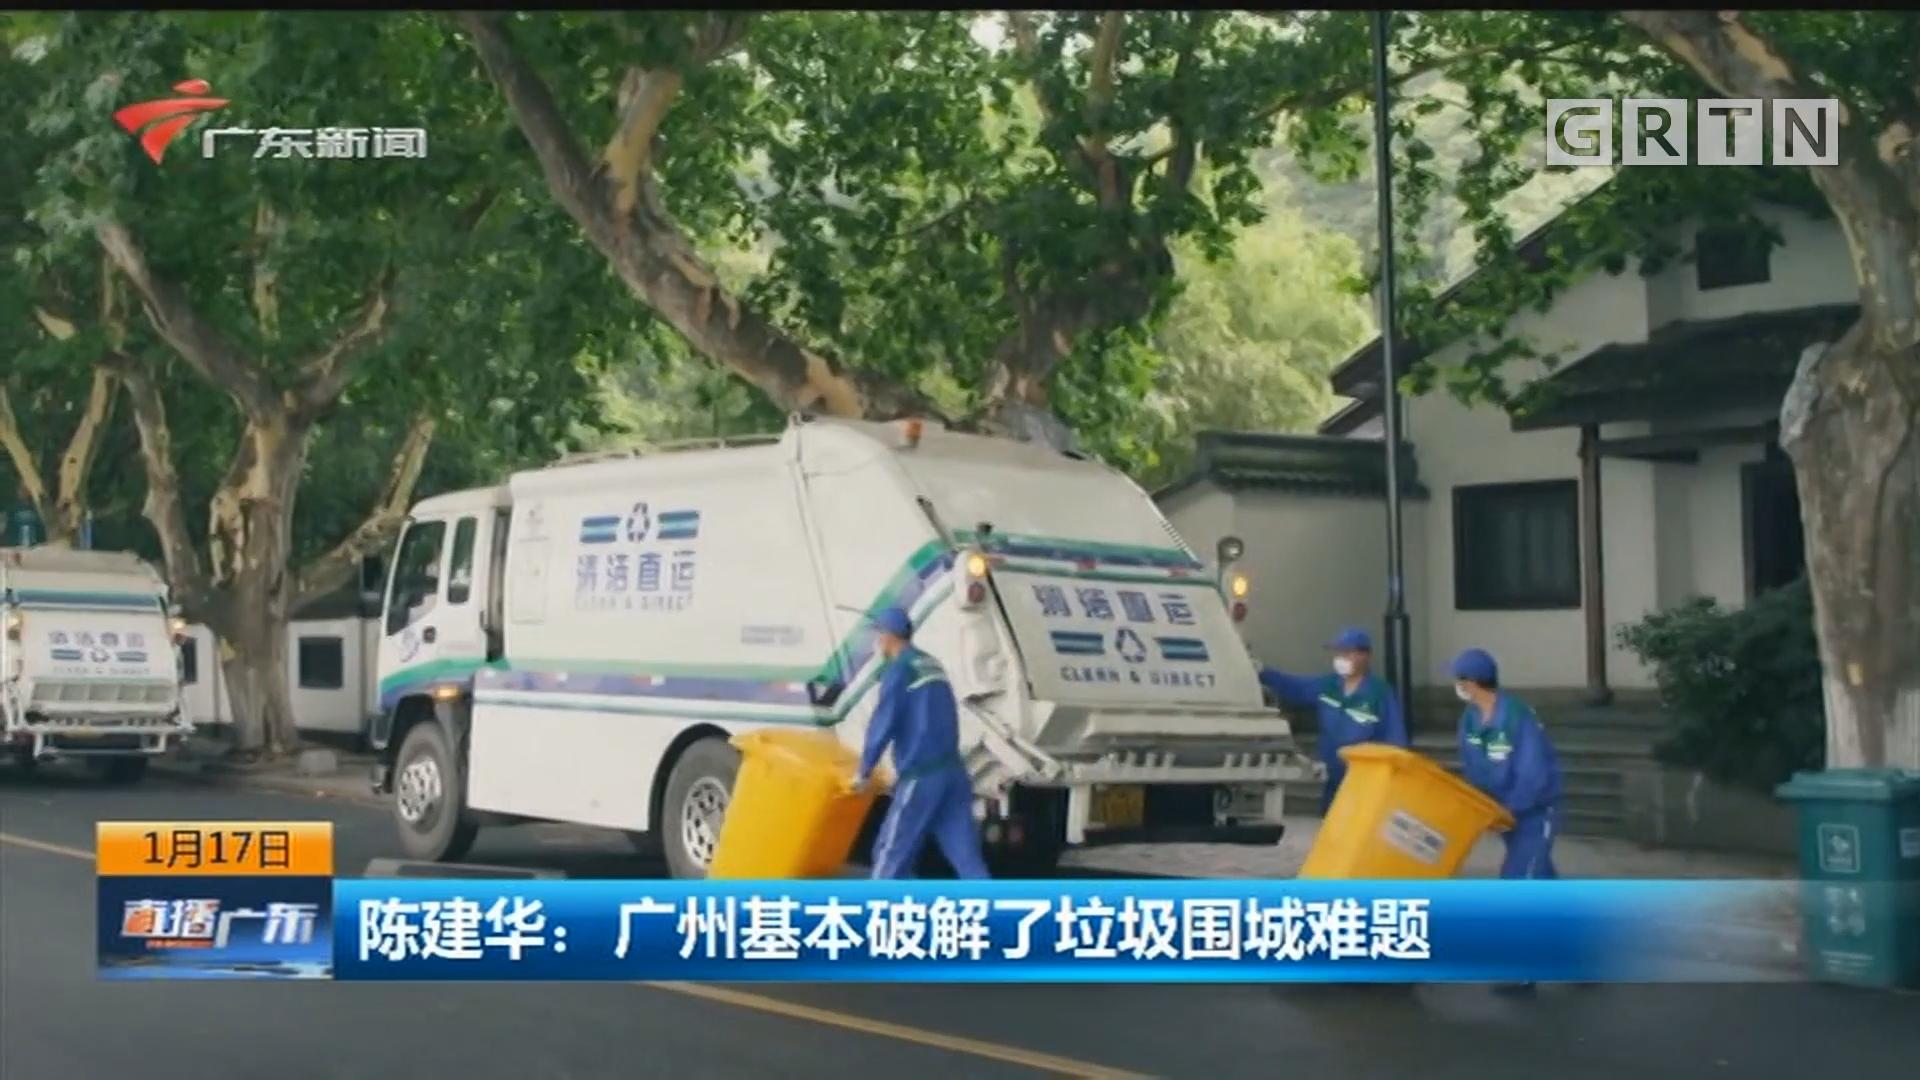 陈建华:广州基本破解了垃圾围城难题